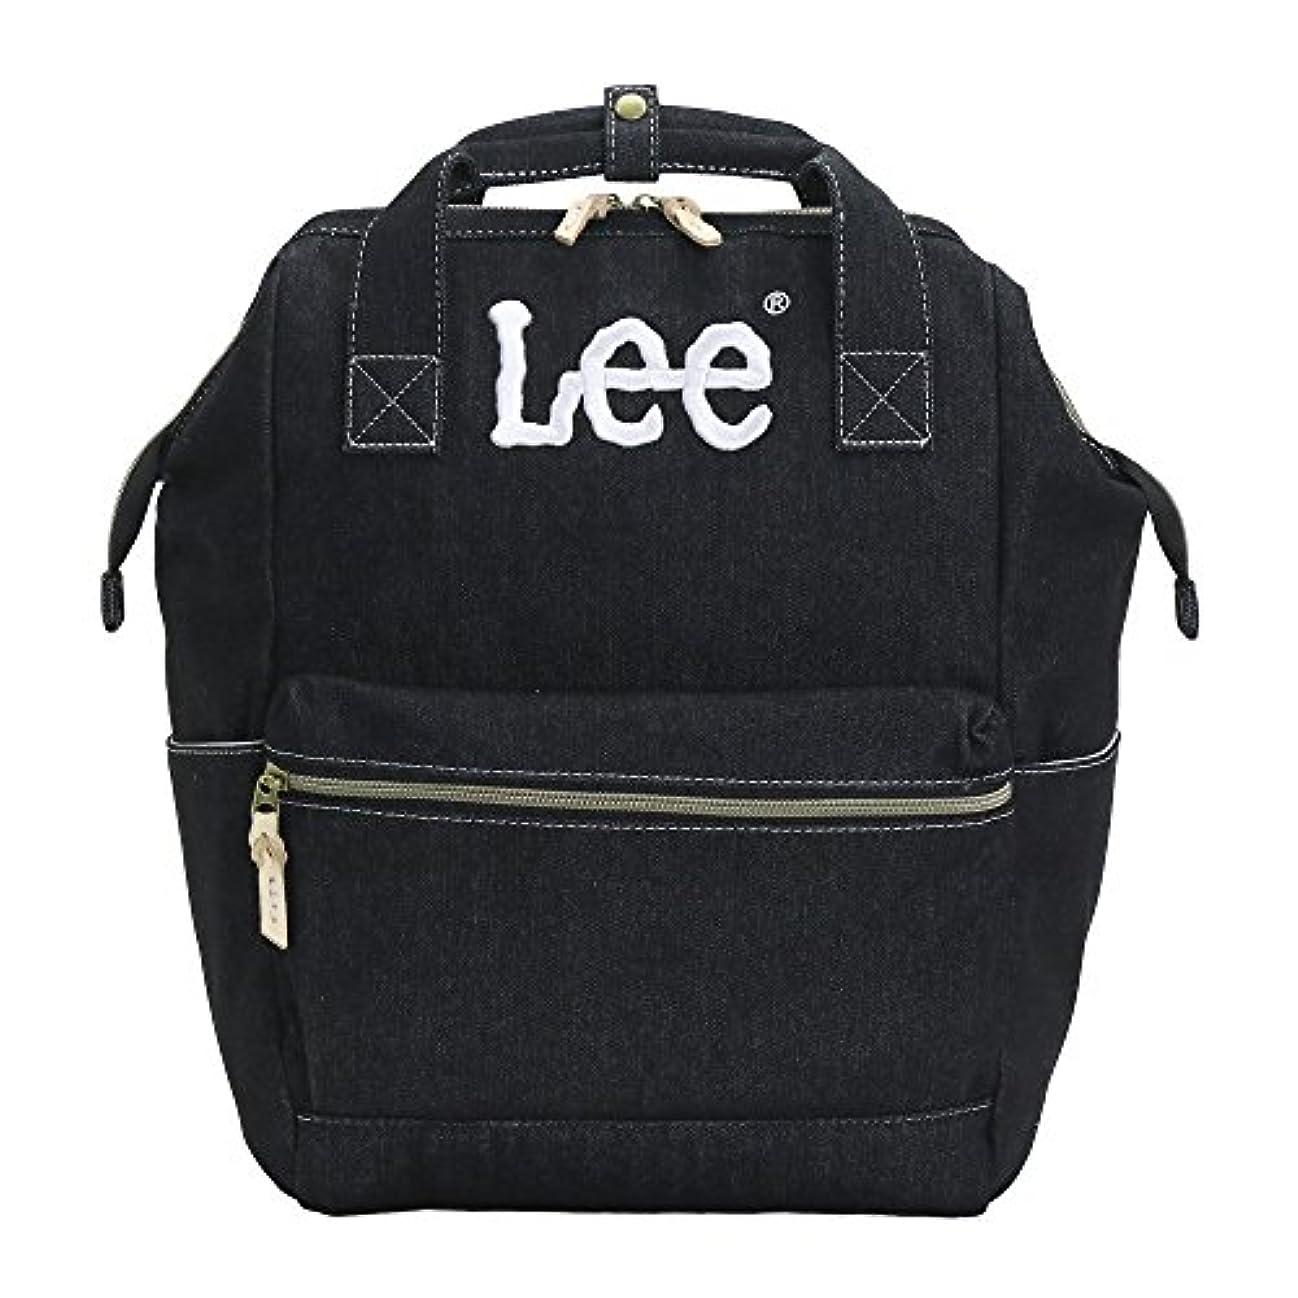 ありがたい猫背特異な[リー]Lee リュック リュックサック デイパック デニム 口金 メンズ レディース 0420909 lee-006 (ブラック)